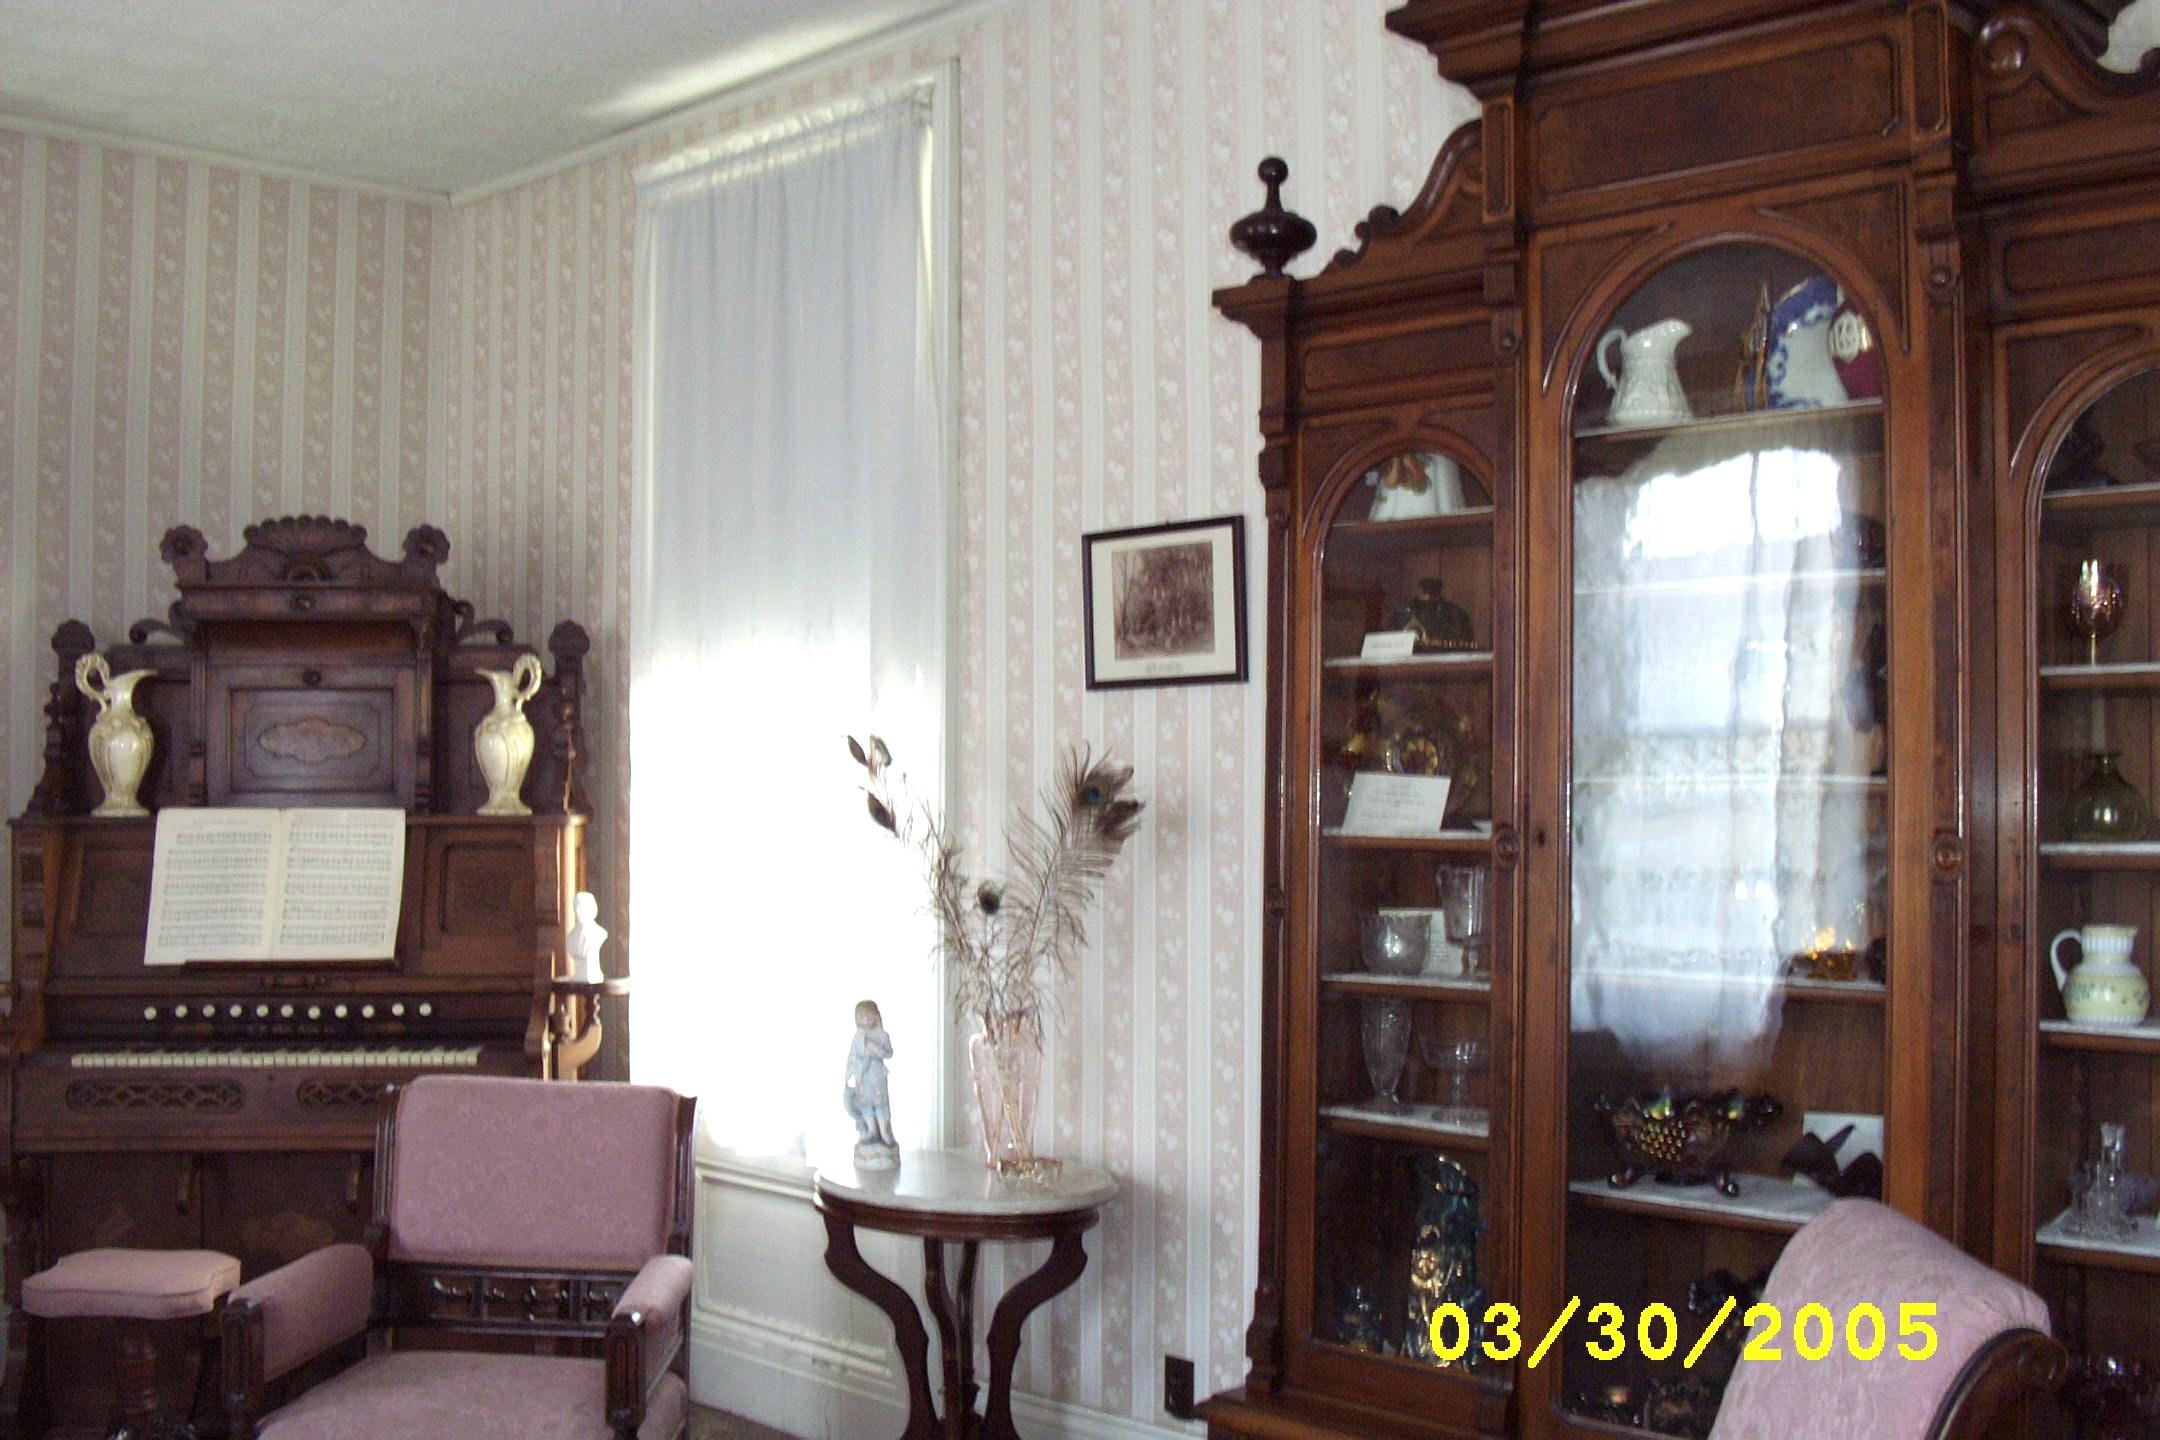 Sedgwick interior